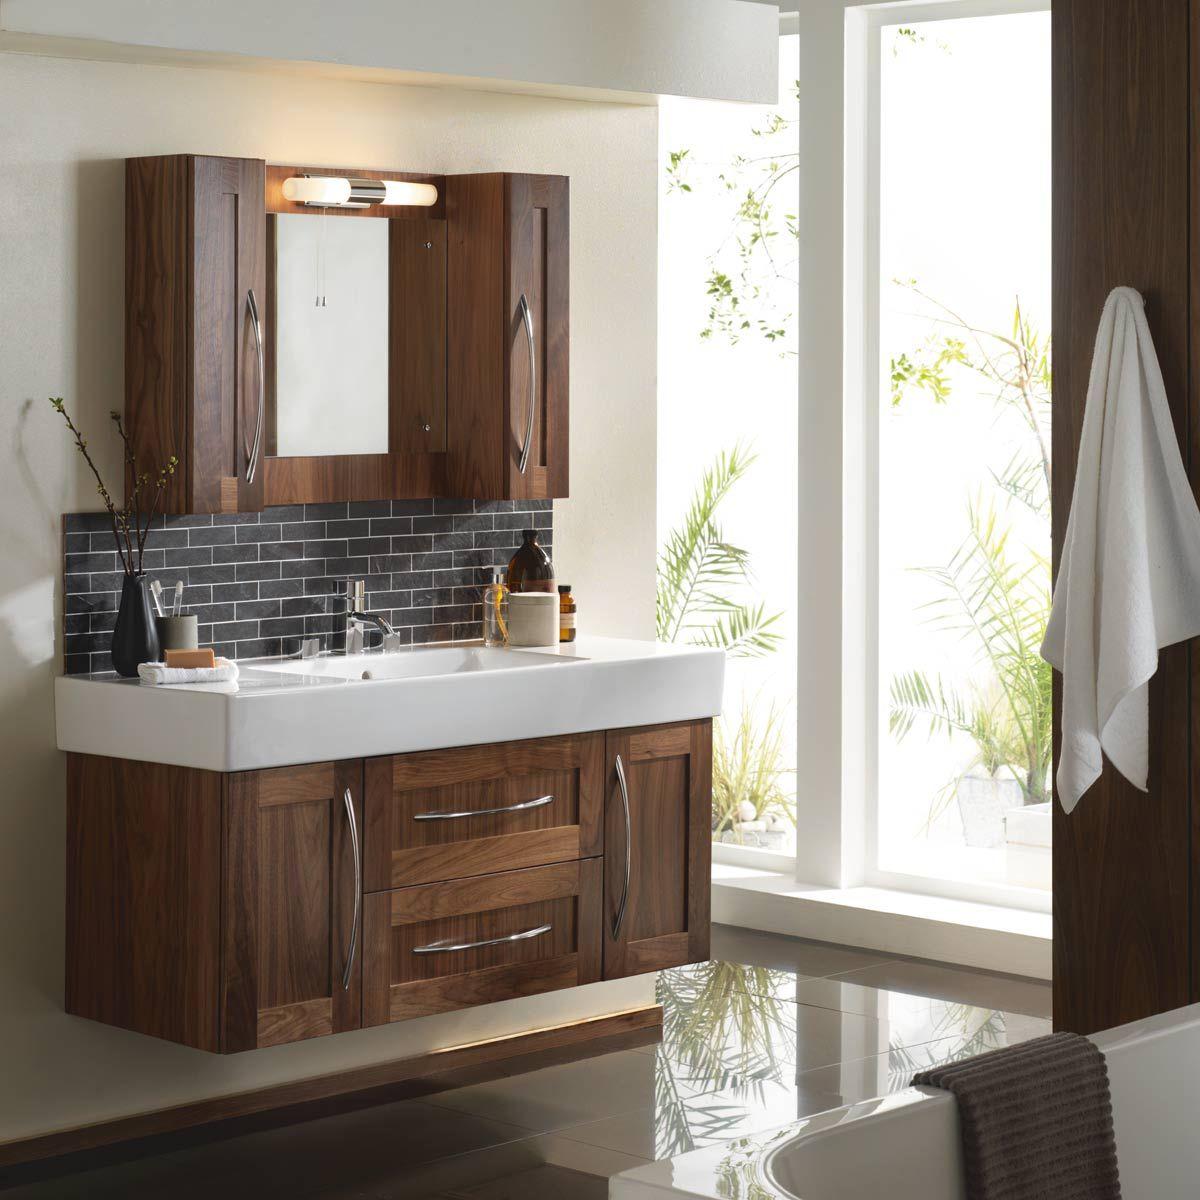 Vanity Hall Bathroom Units vanity hall shaker walnut furniture | vanity hall | pinterest | we